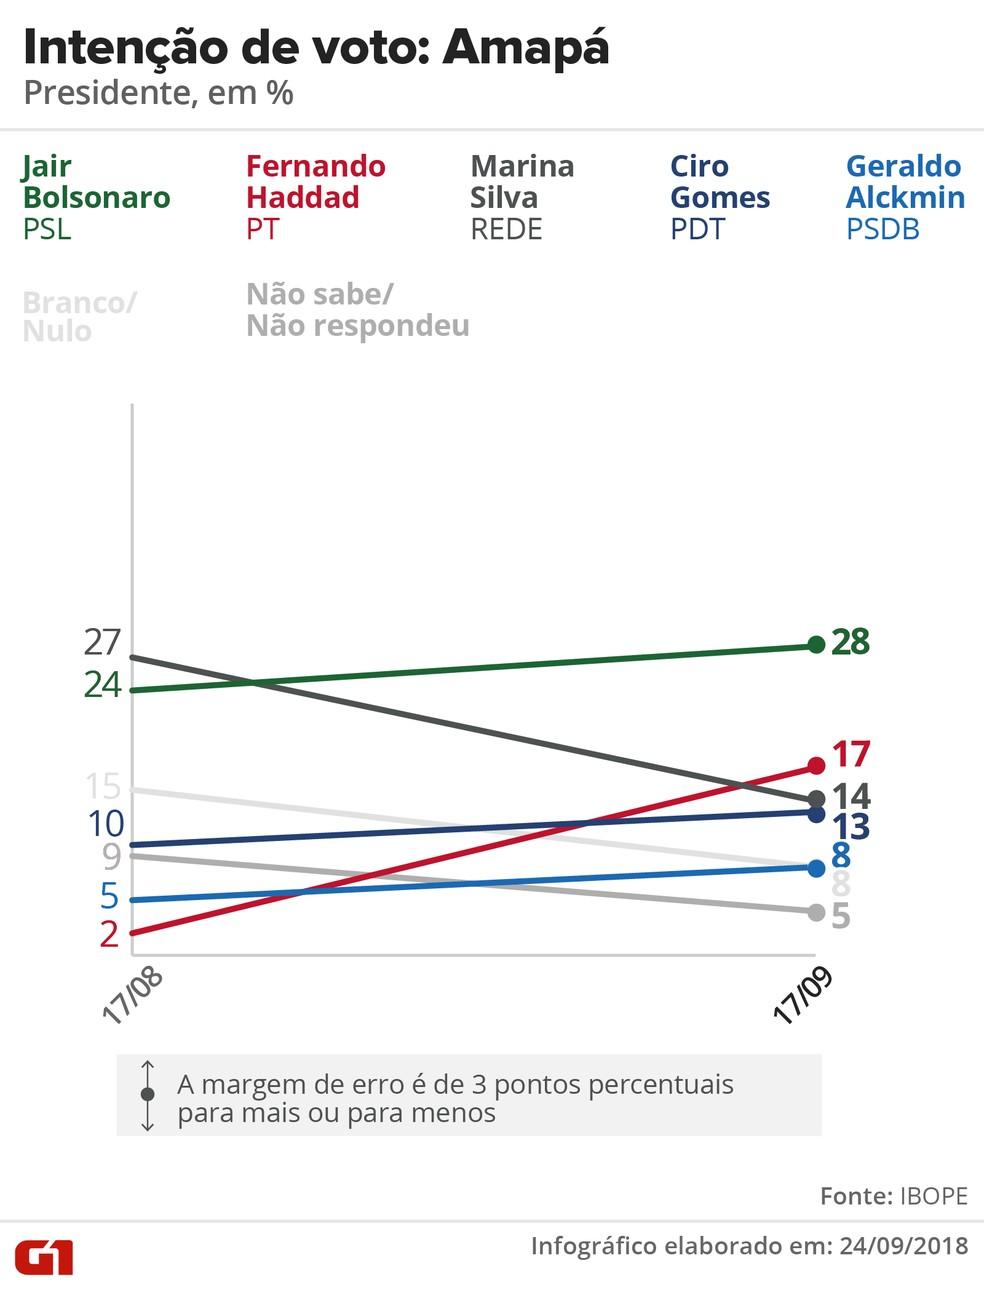 Pesquisa Ibope - evolução da intenção voto para presidente no Amapá. — Foto: Arte/G1